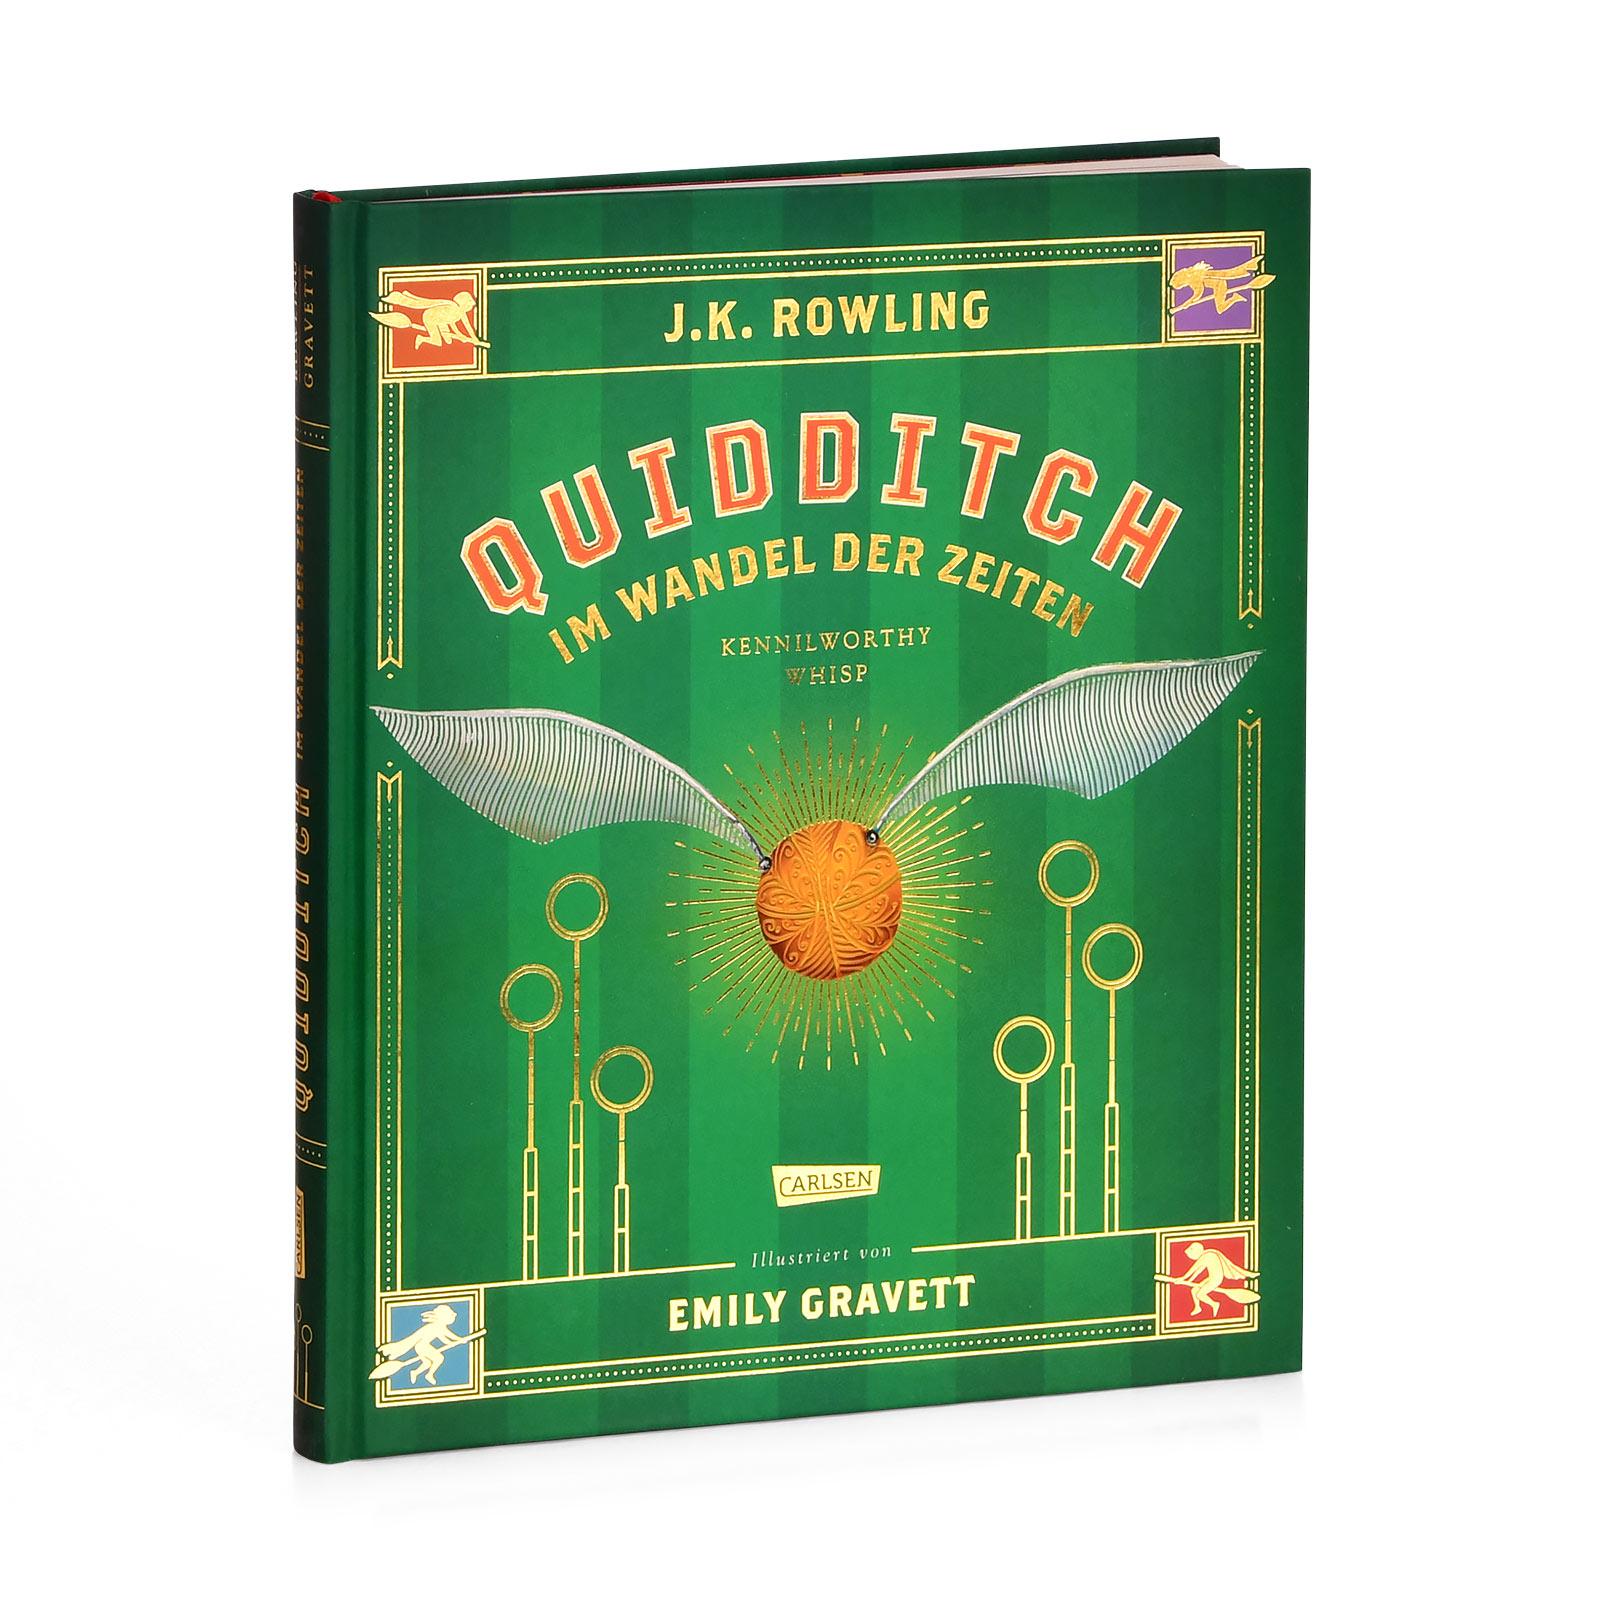 Quidditch im Wandel der Zeiten - Schmuckausgabe